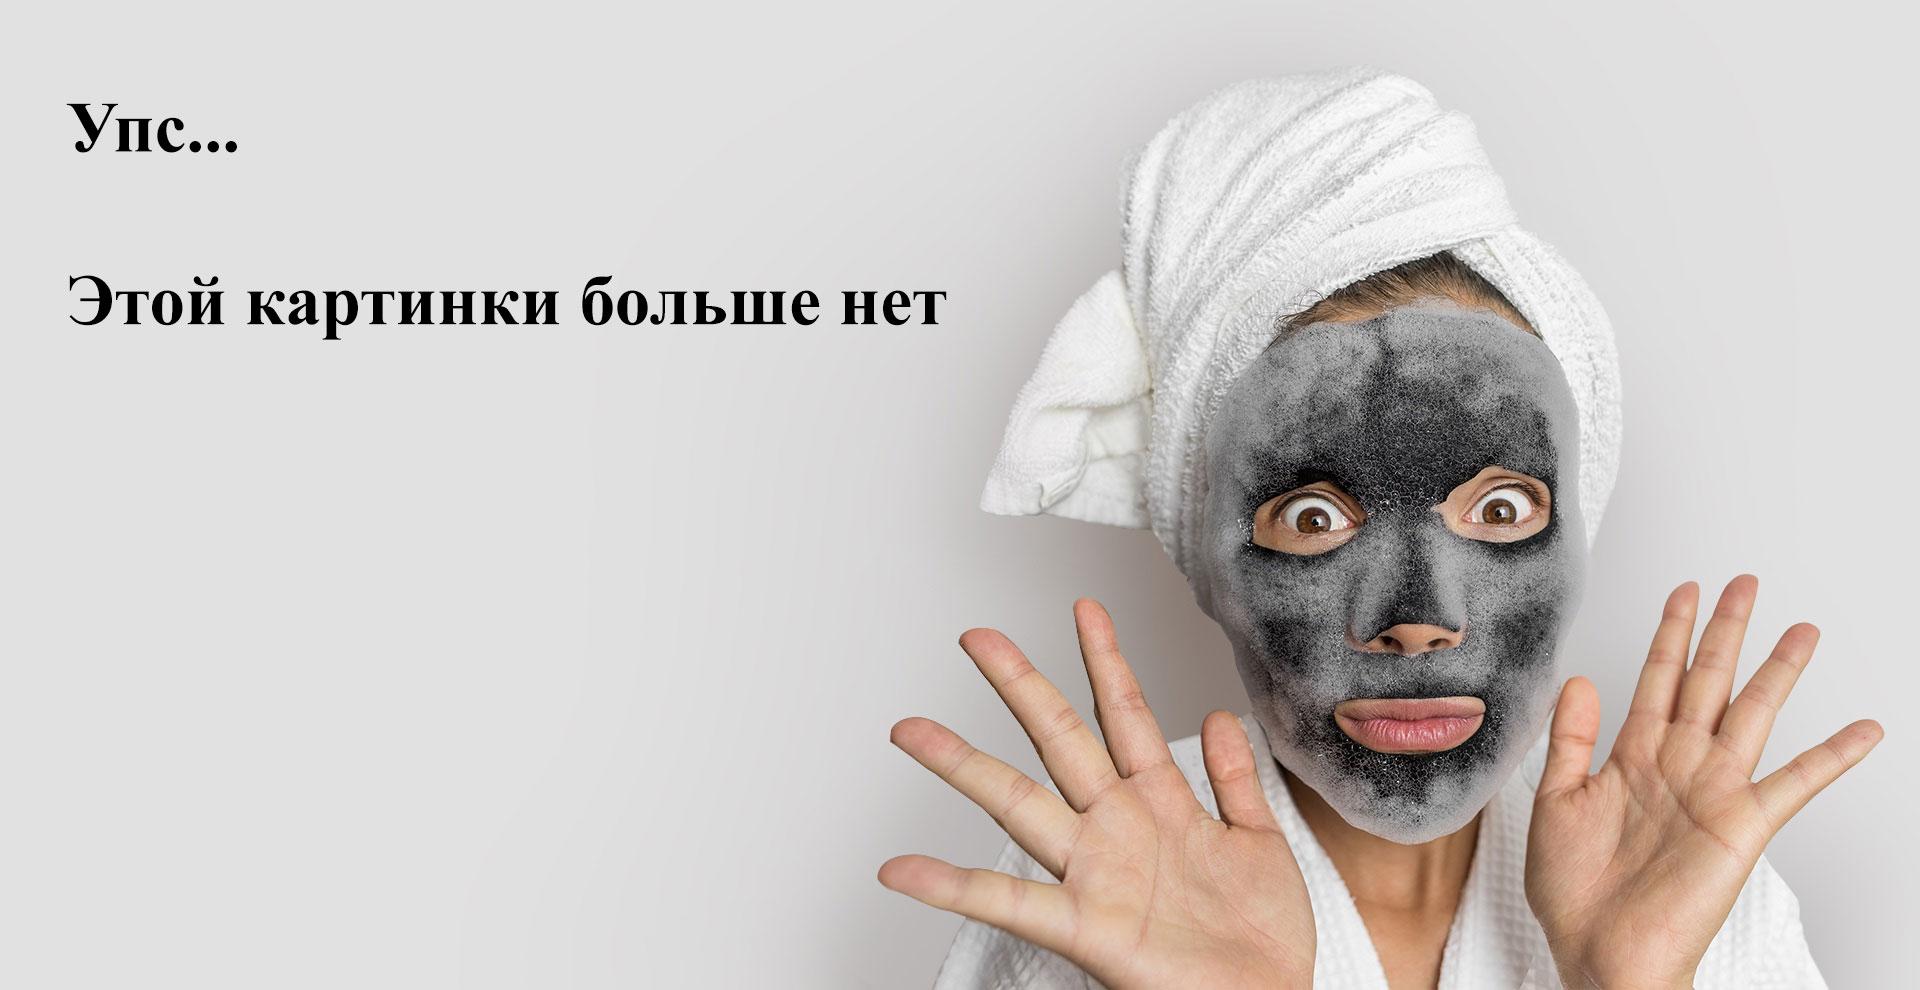 Provoc, Gel Eye Liner 98 Mischevious, Цвет угольно-черный с голографией